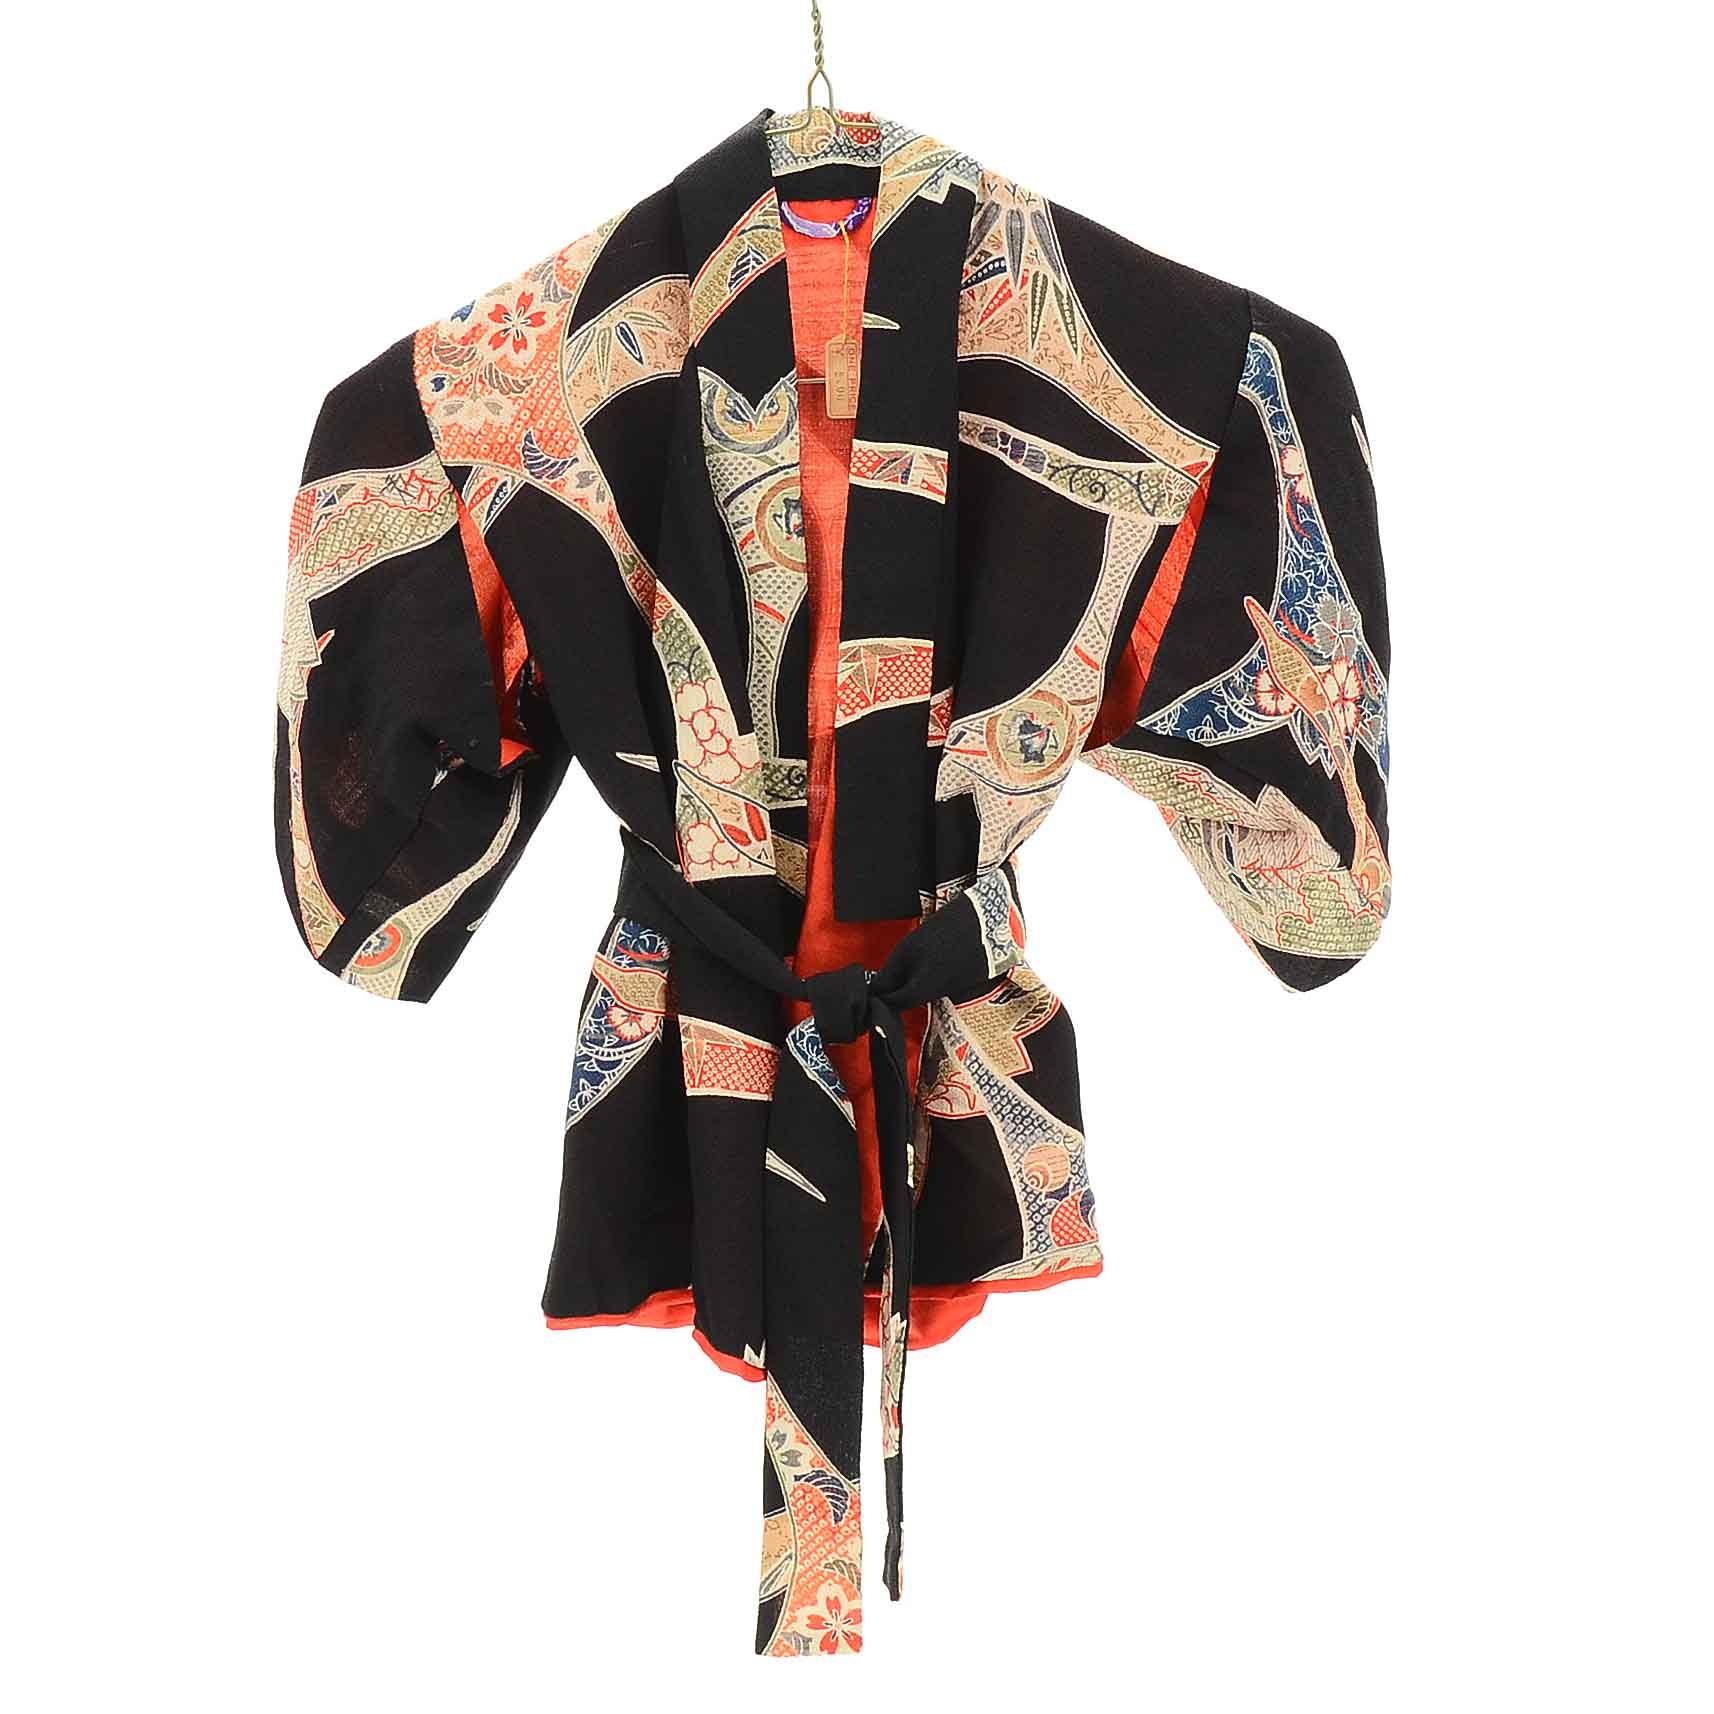 Vintage Kimono Style Top